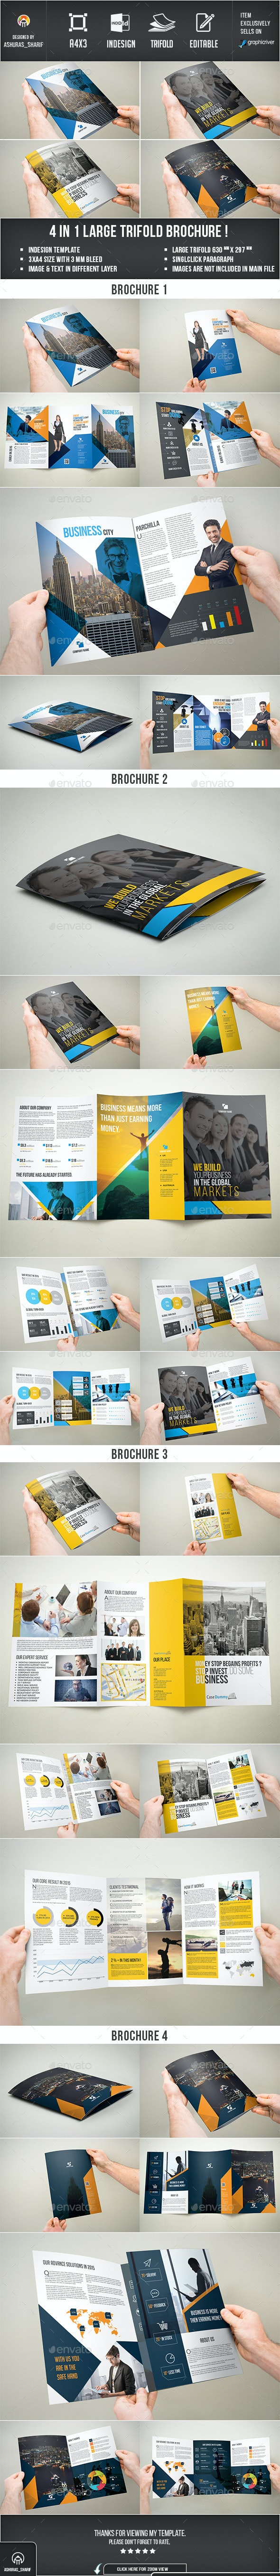 3xA4 Brochure Bundle - Corporate Brochures